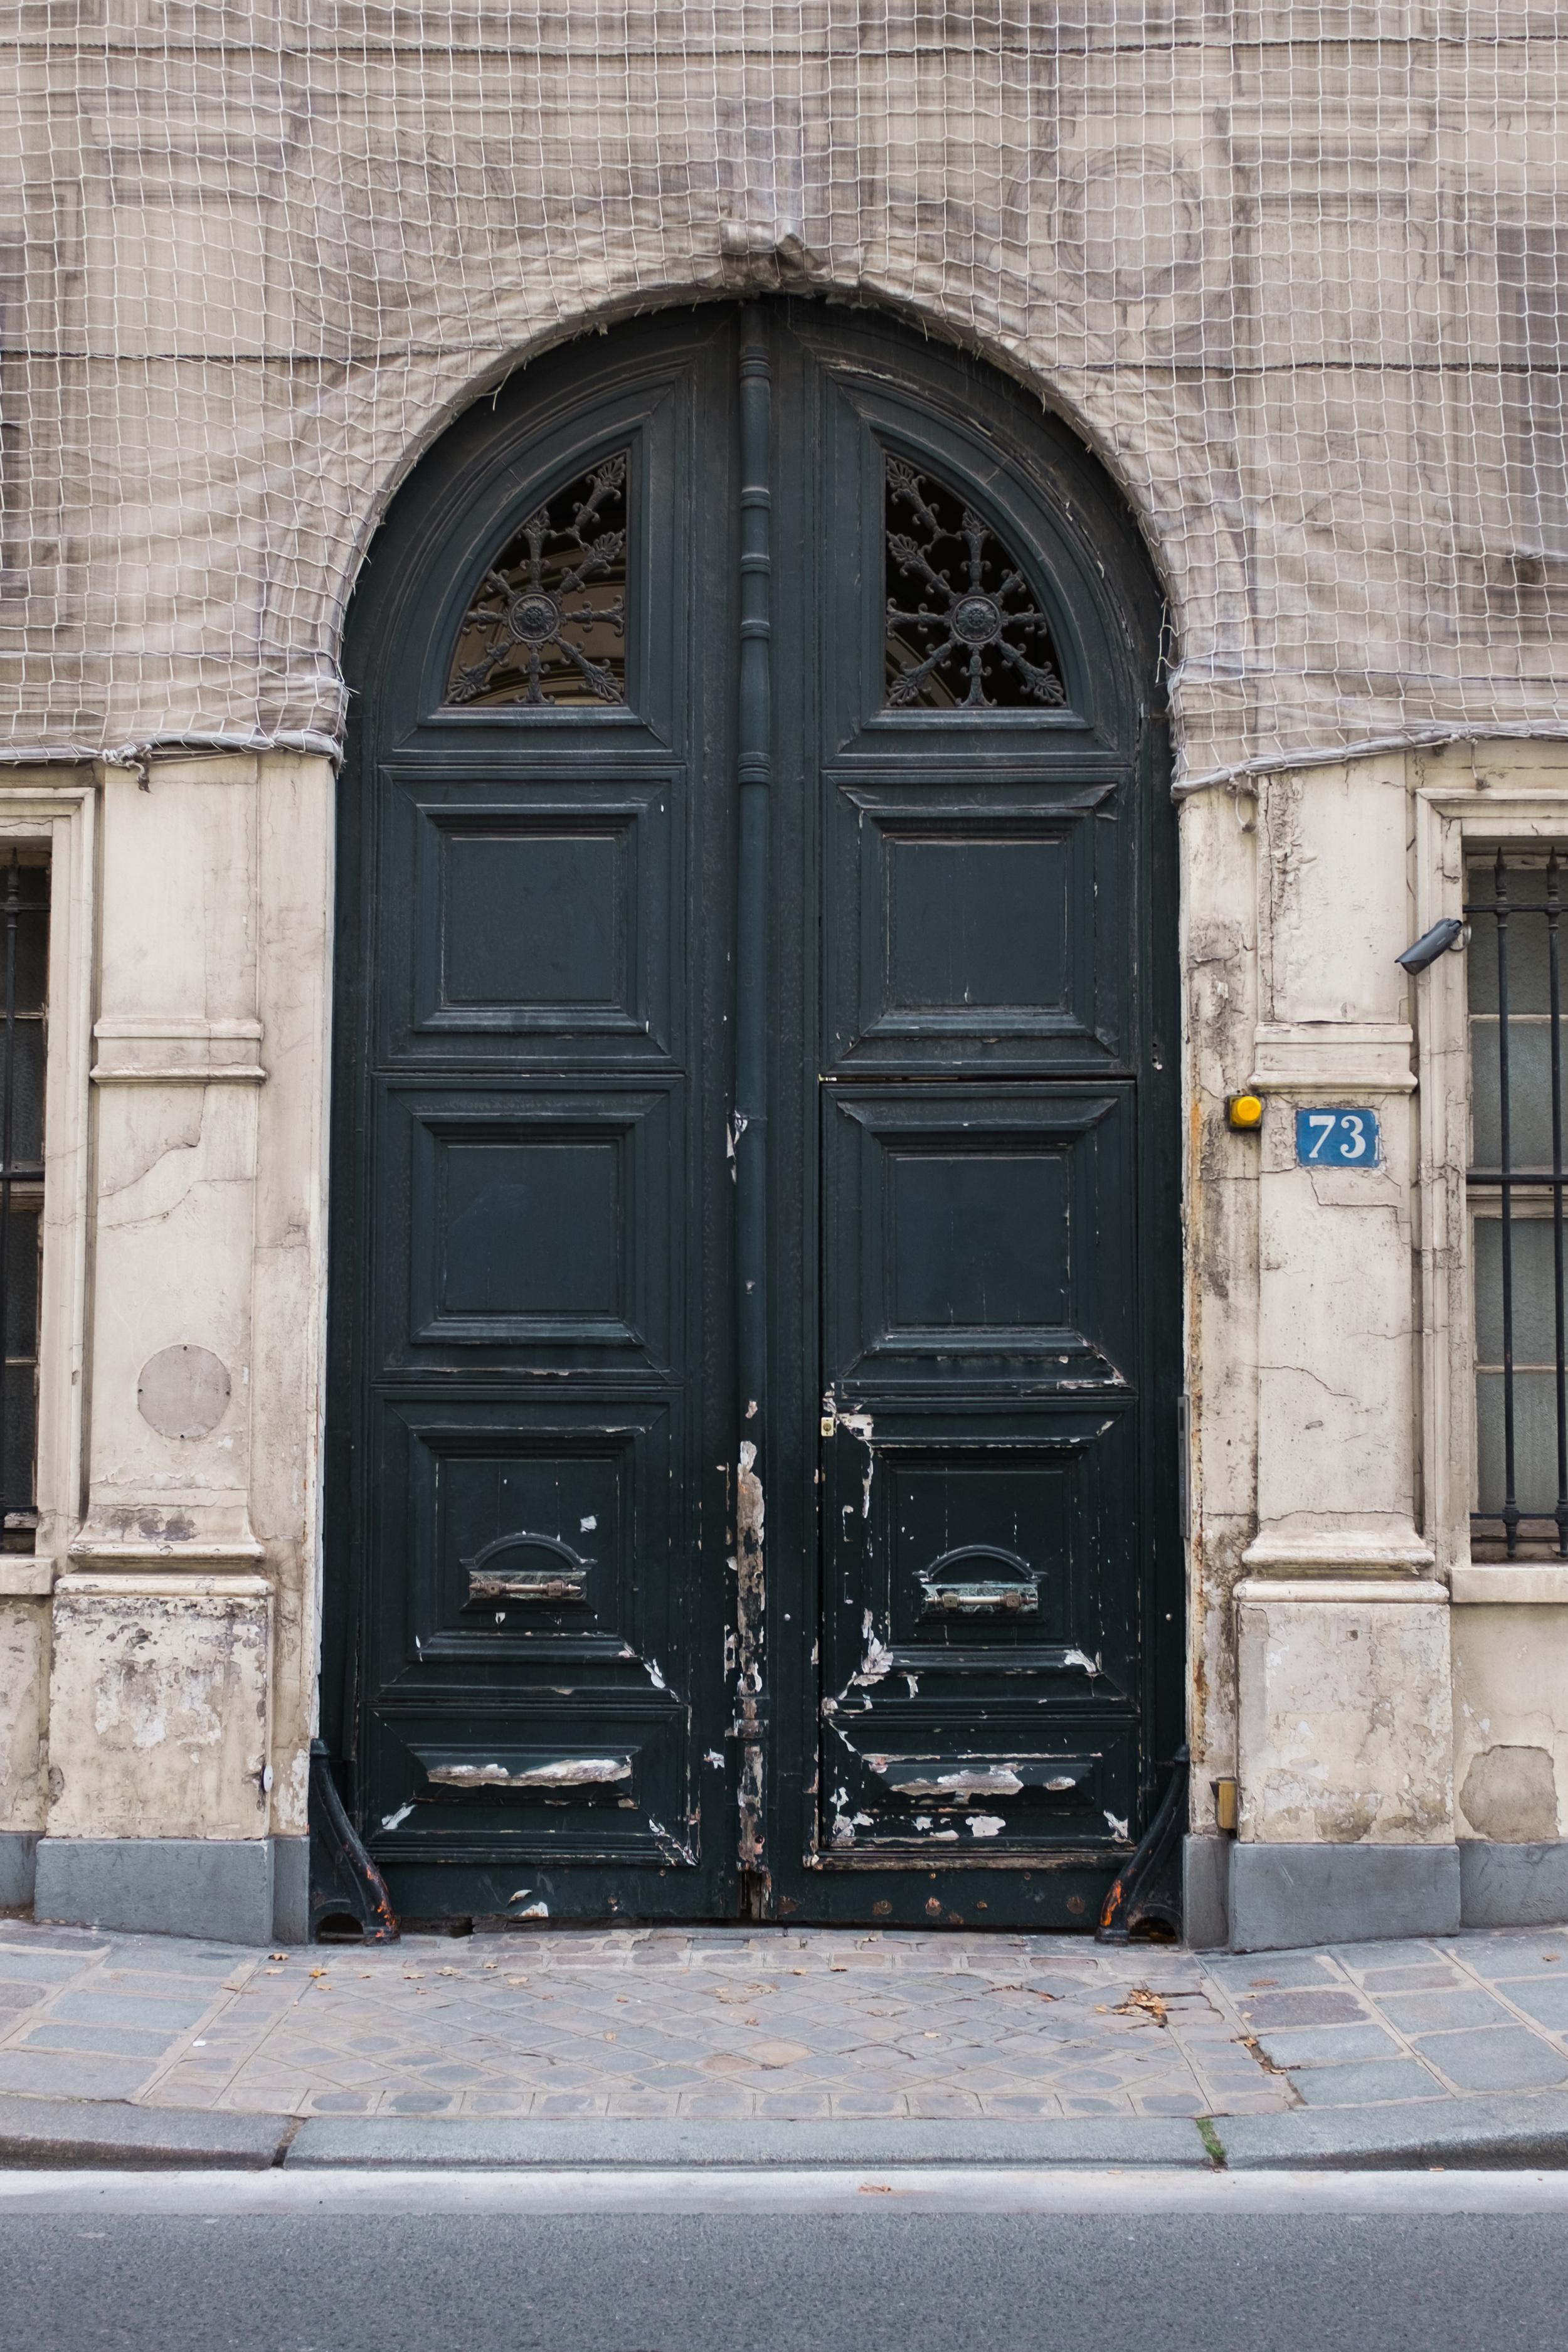 london-britian-cambridge-stmalo-mont-saint-michel-france-normandy-paris-103.jpg